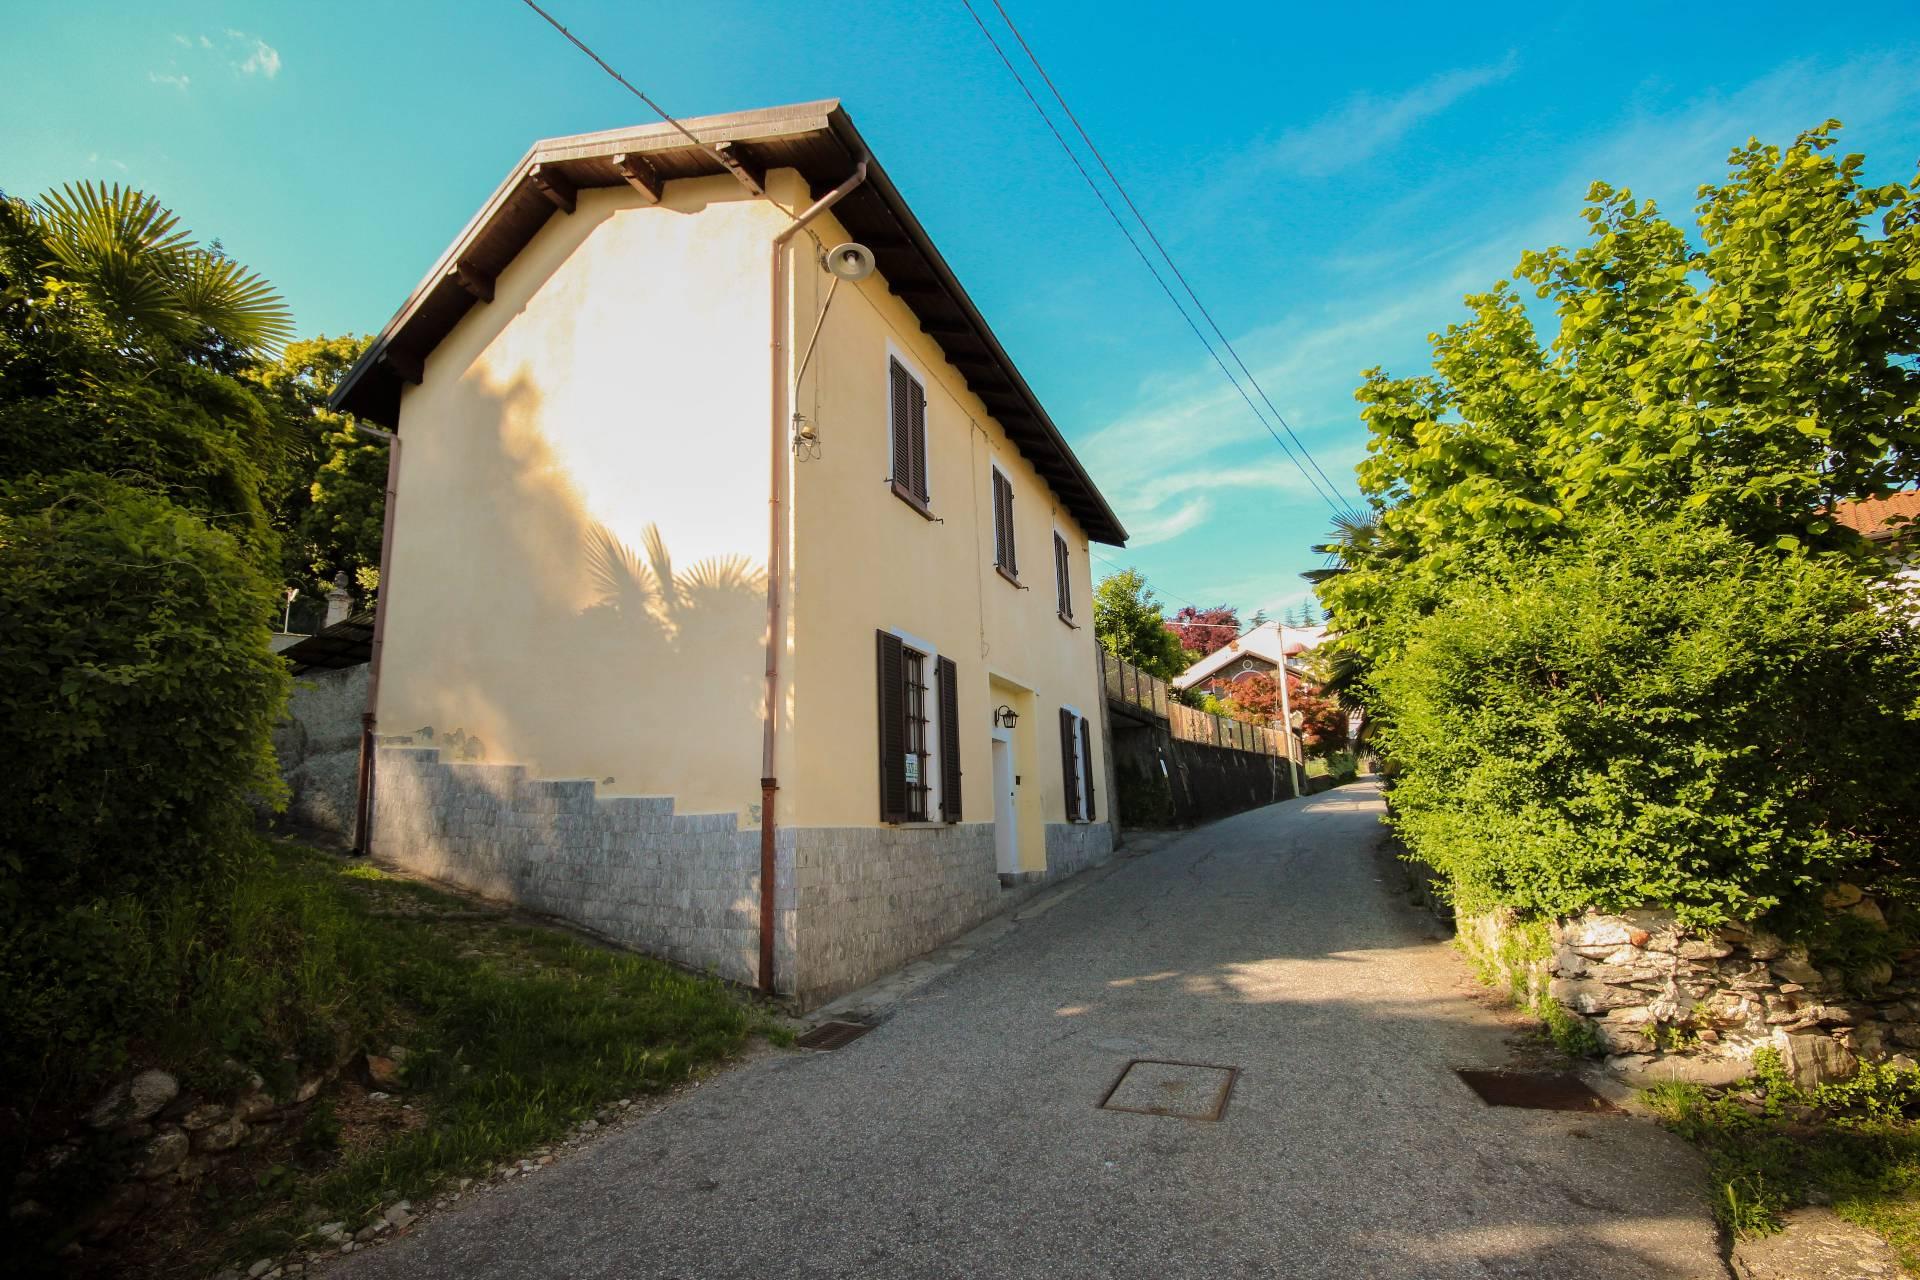 Soluzione Indipendente in vendita a Verbania, 7 locali, zona Zona: Biganzolo, prezzo € 230.000 | CambioCasa.it